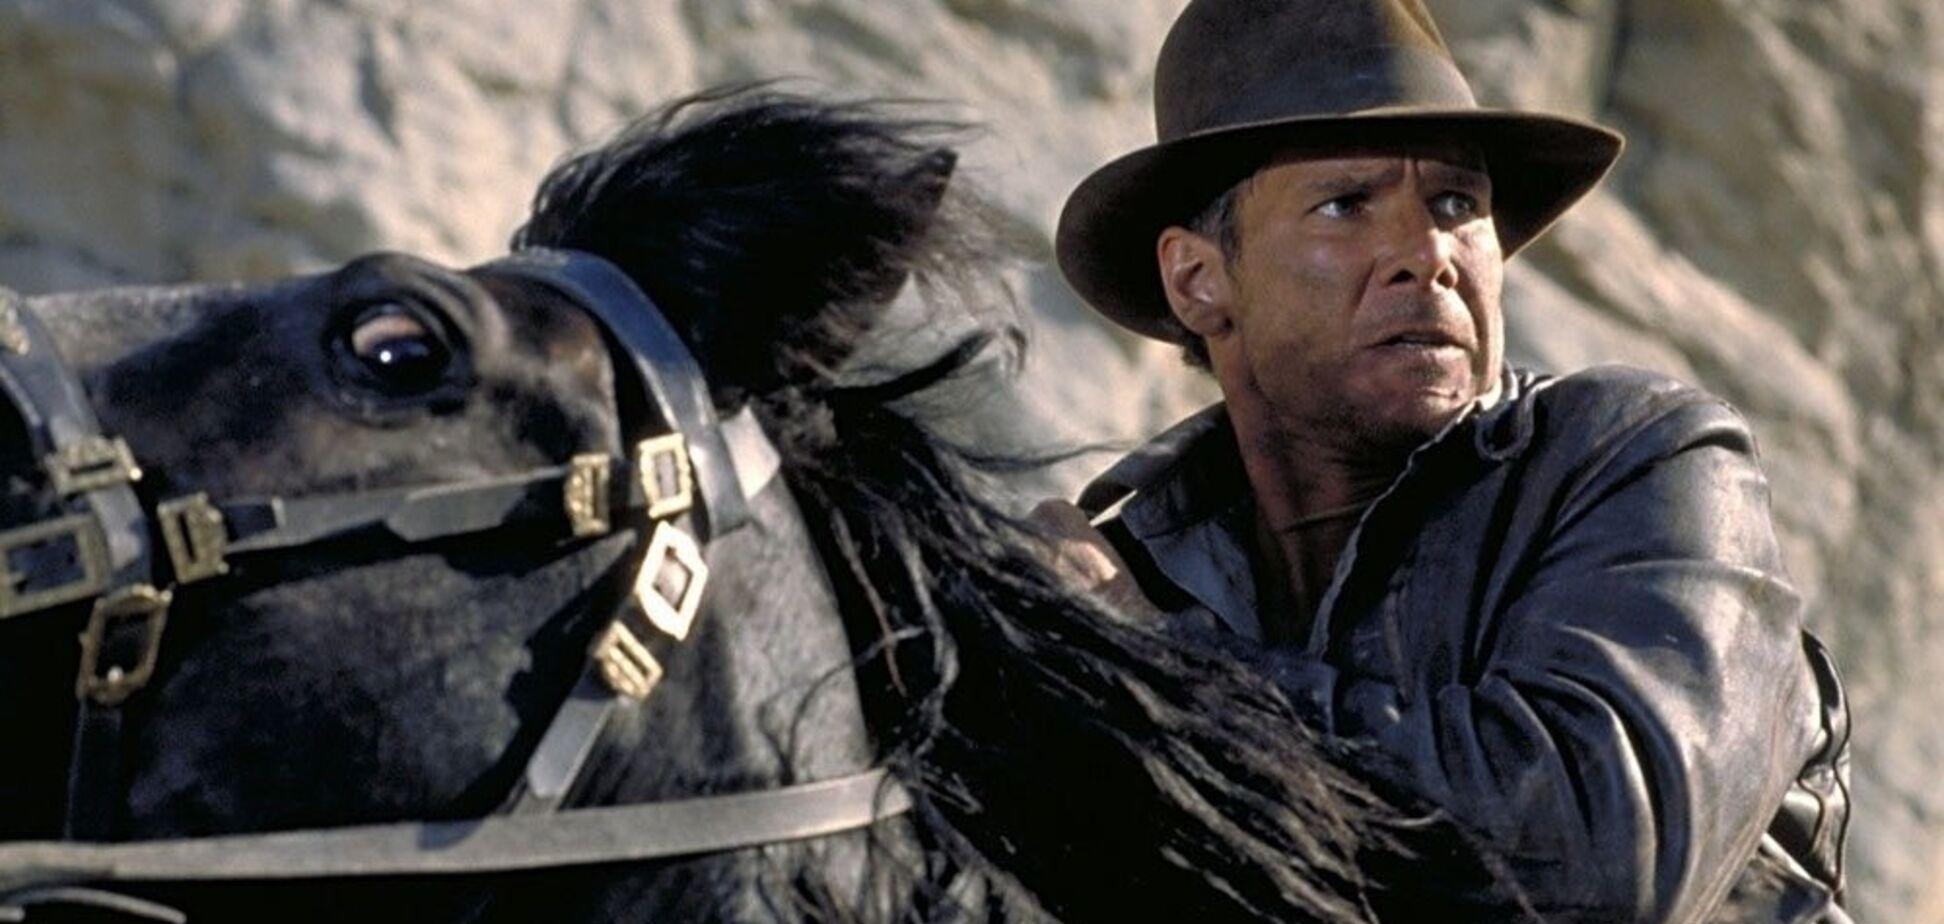 'Индиана Джонс 5': дата выхода, трейлер, где смотреть